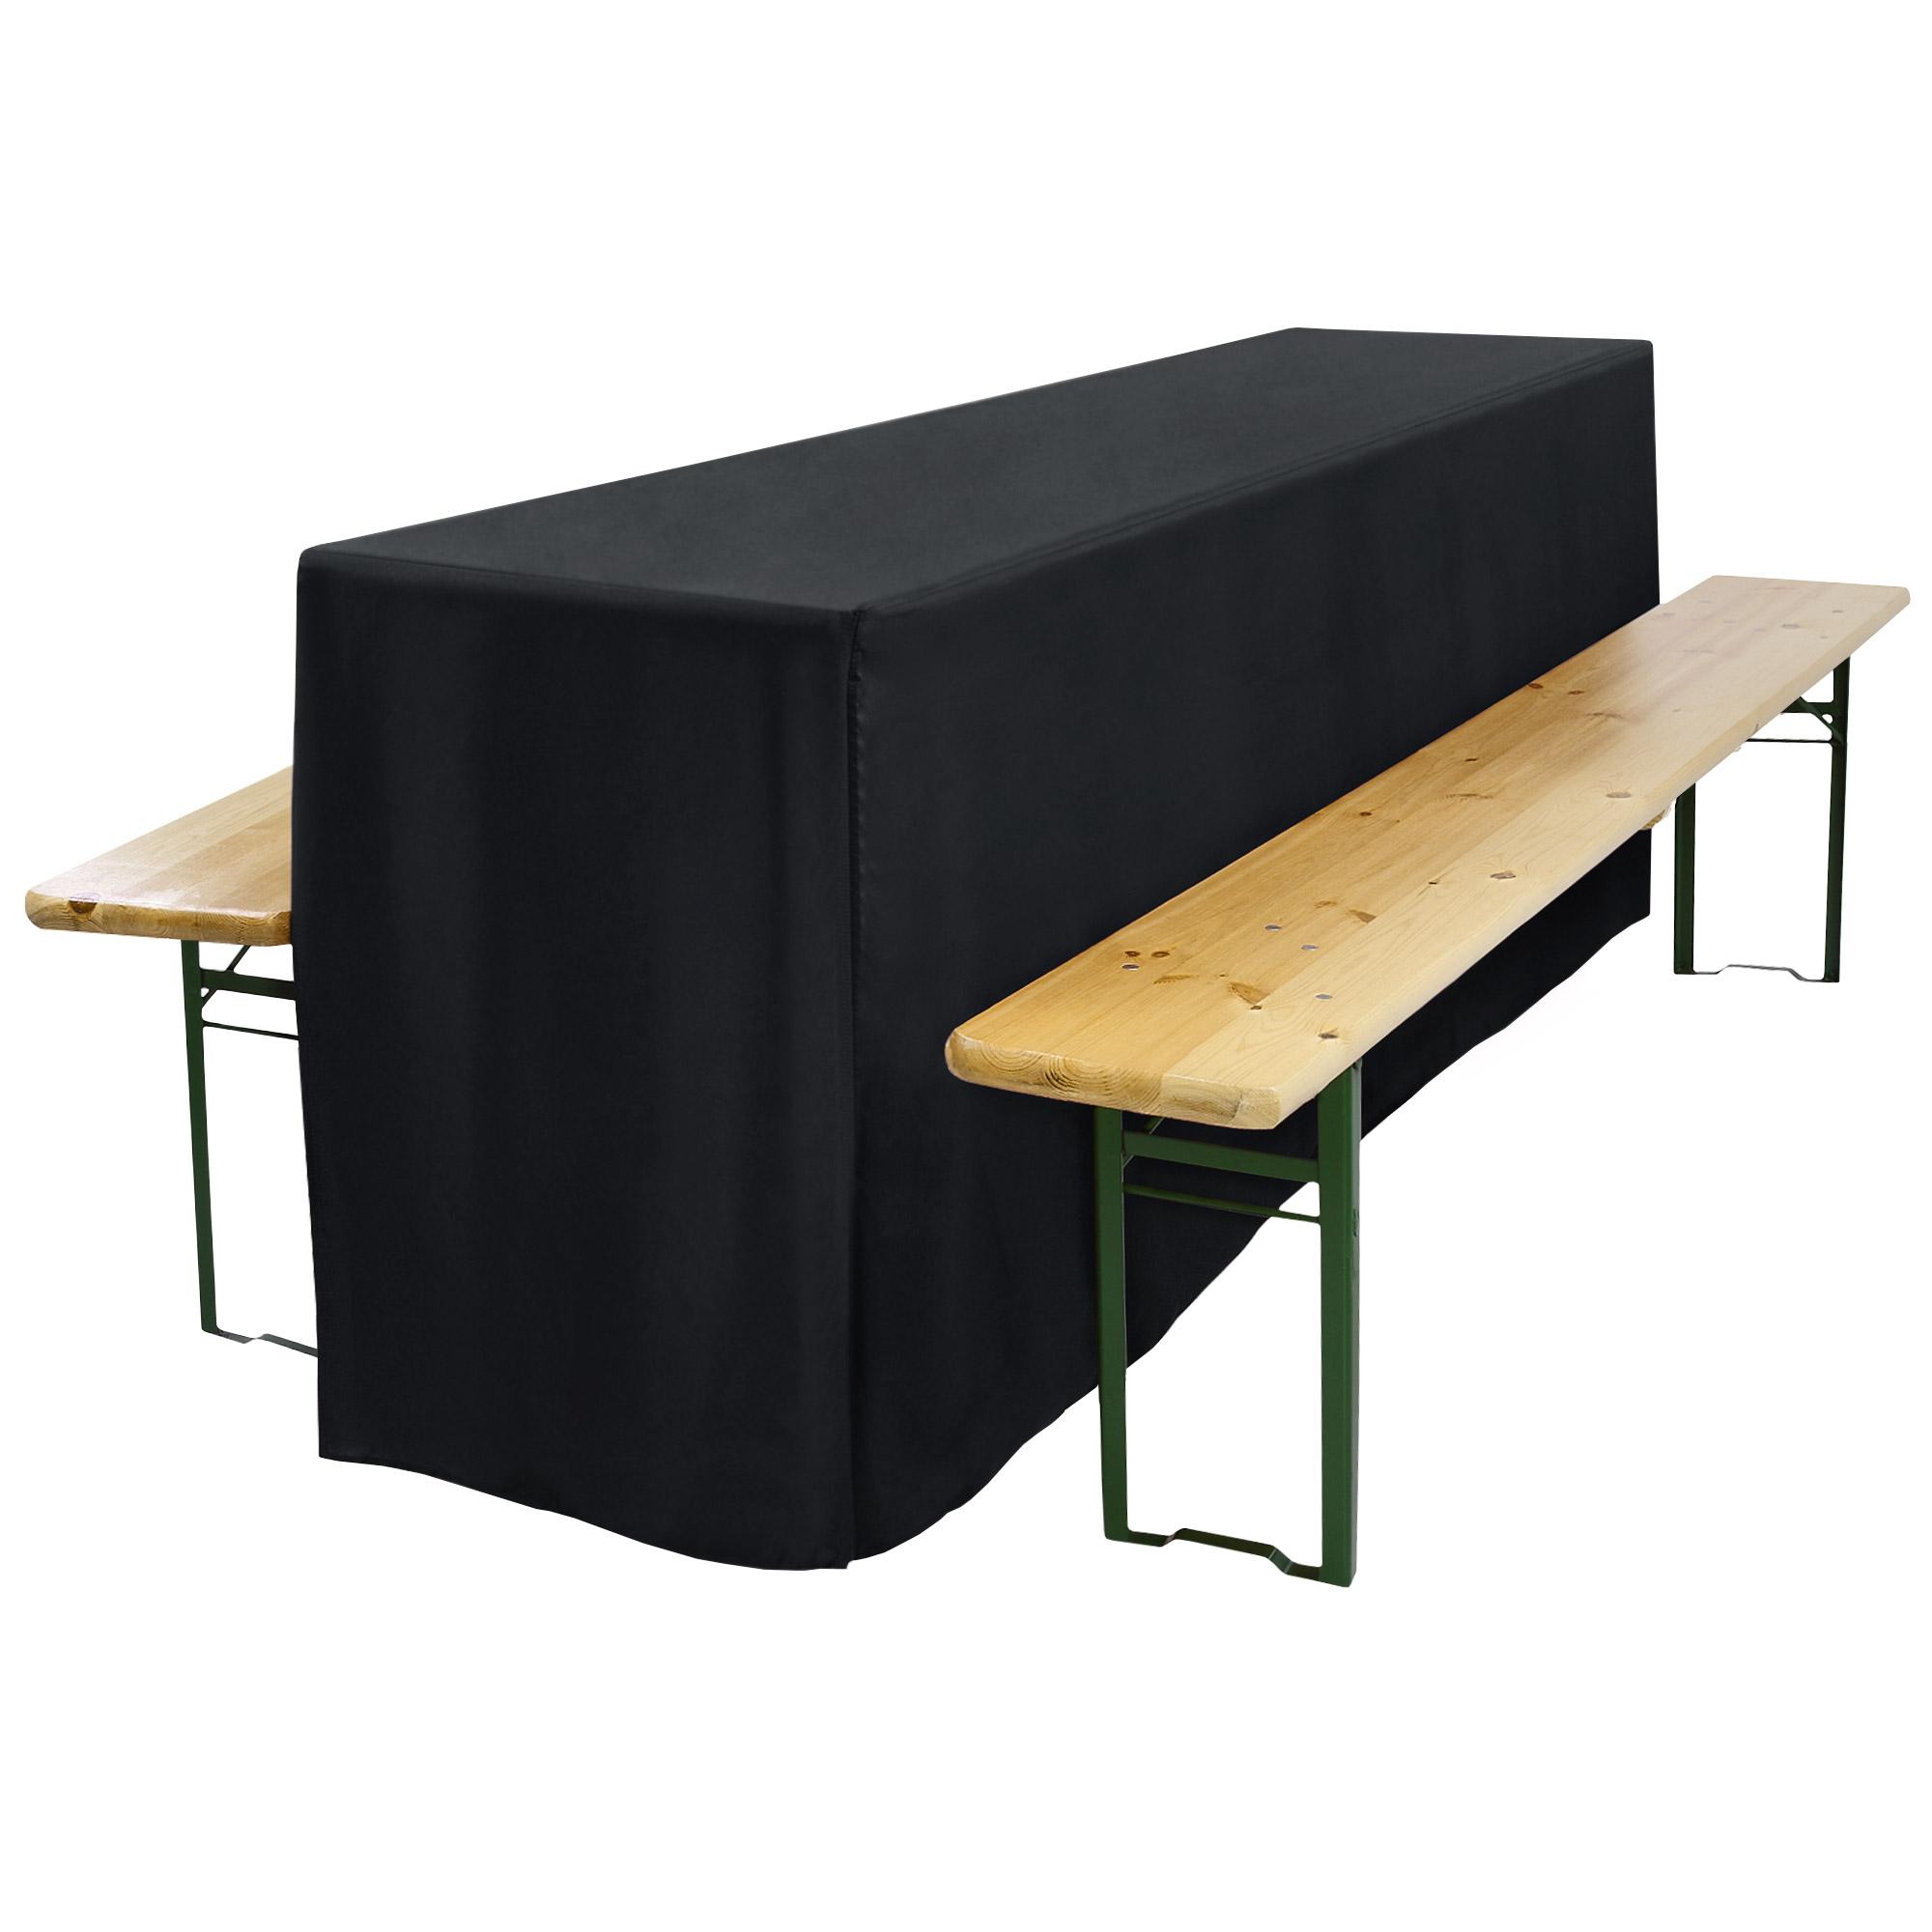 biertischhusse f r festzeltgarnitur 70x220cm lang mit schlitz schwarz. Black Bedroom Furniture Sets. Home Design Ideas